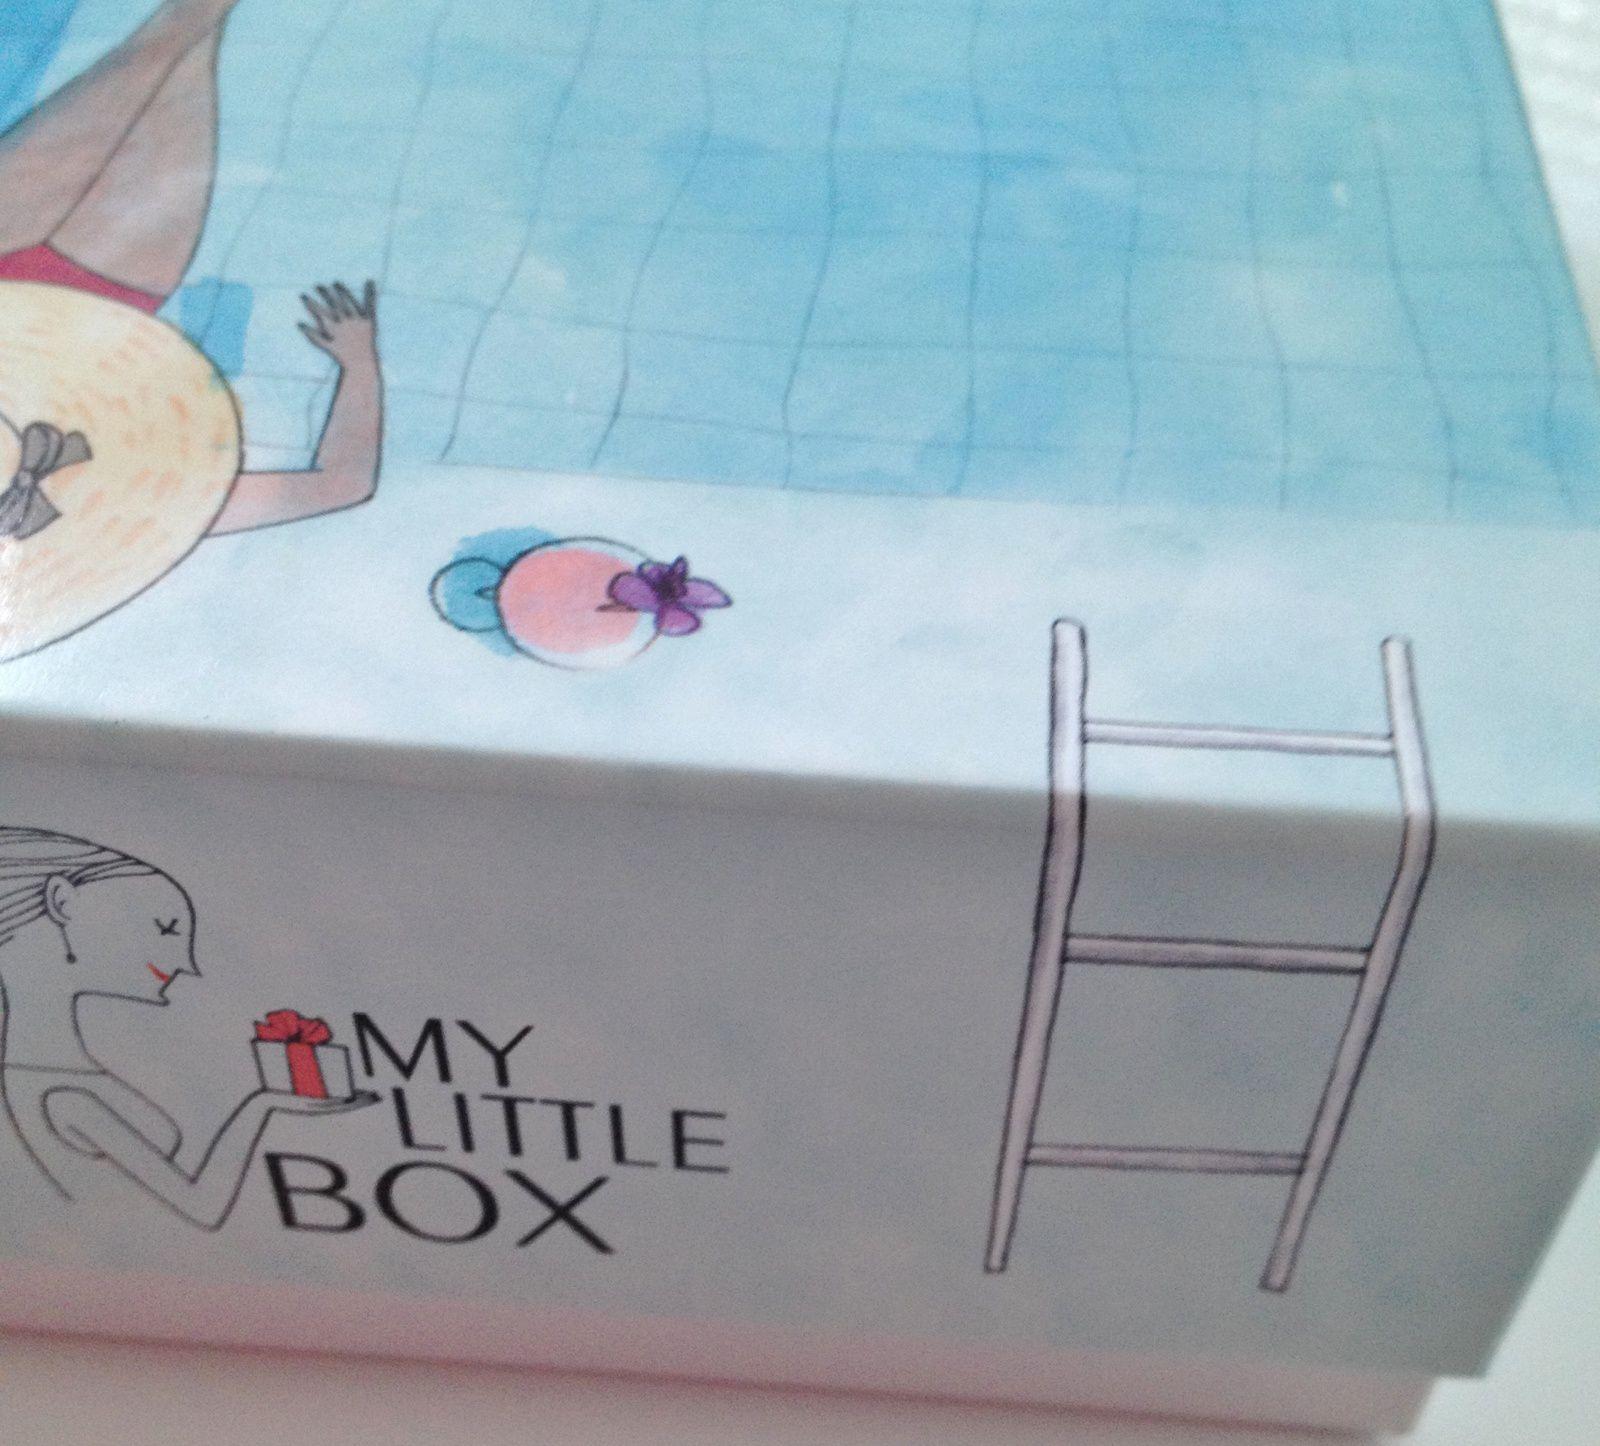 Déjà la box de ce mois est sublime. Toute la box est pour la 1ère fois recouverte par le dessin de Kanako. La box est devenue une piscine.J'accumule les box depuis le début dans mon placard, mais celle-ci est tellement belle que je vais trouver un moyen de l'exposer.